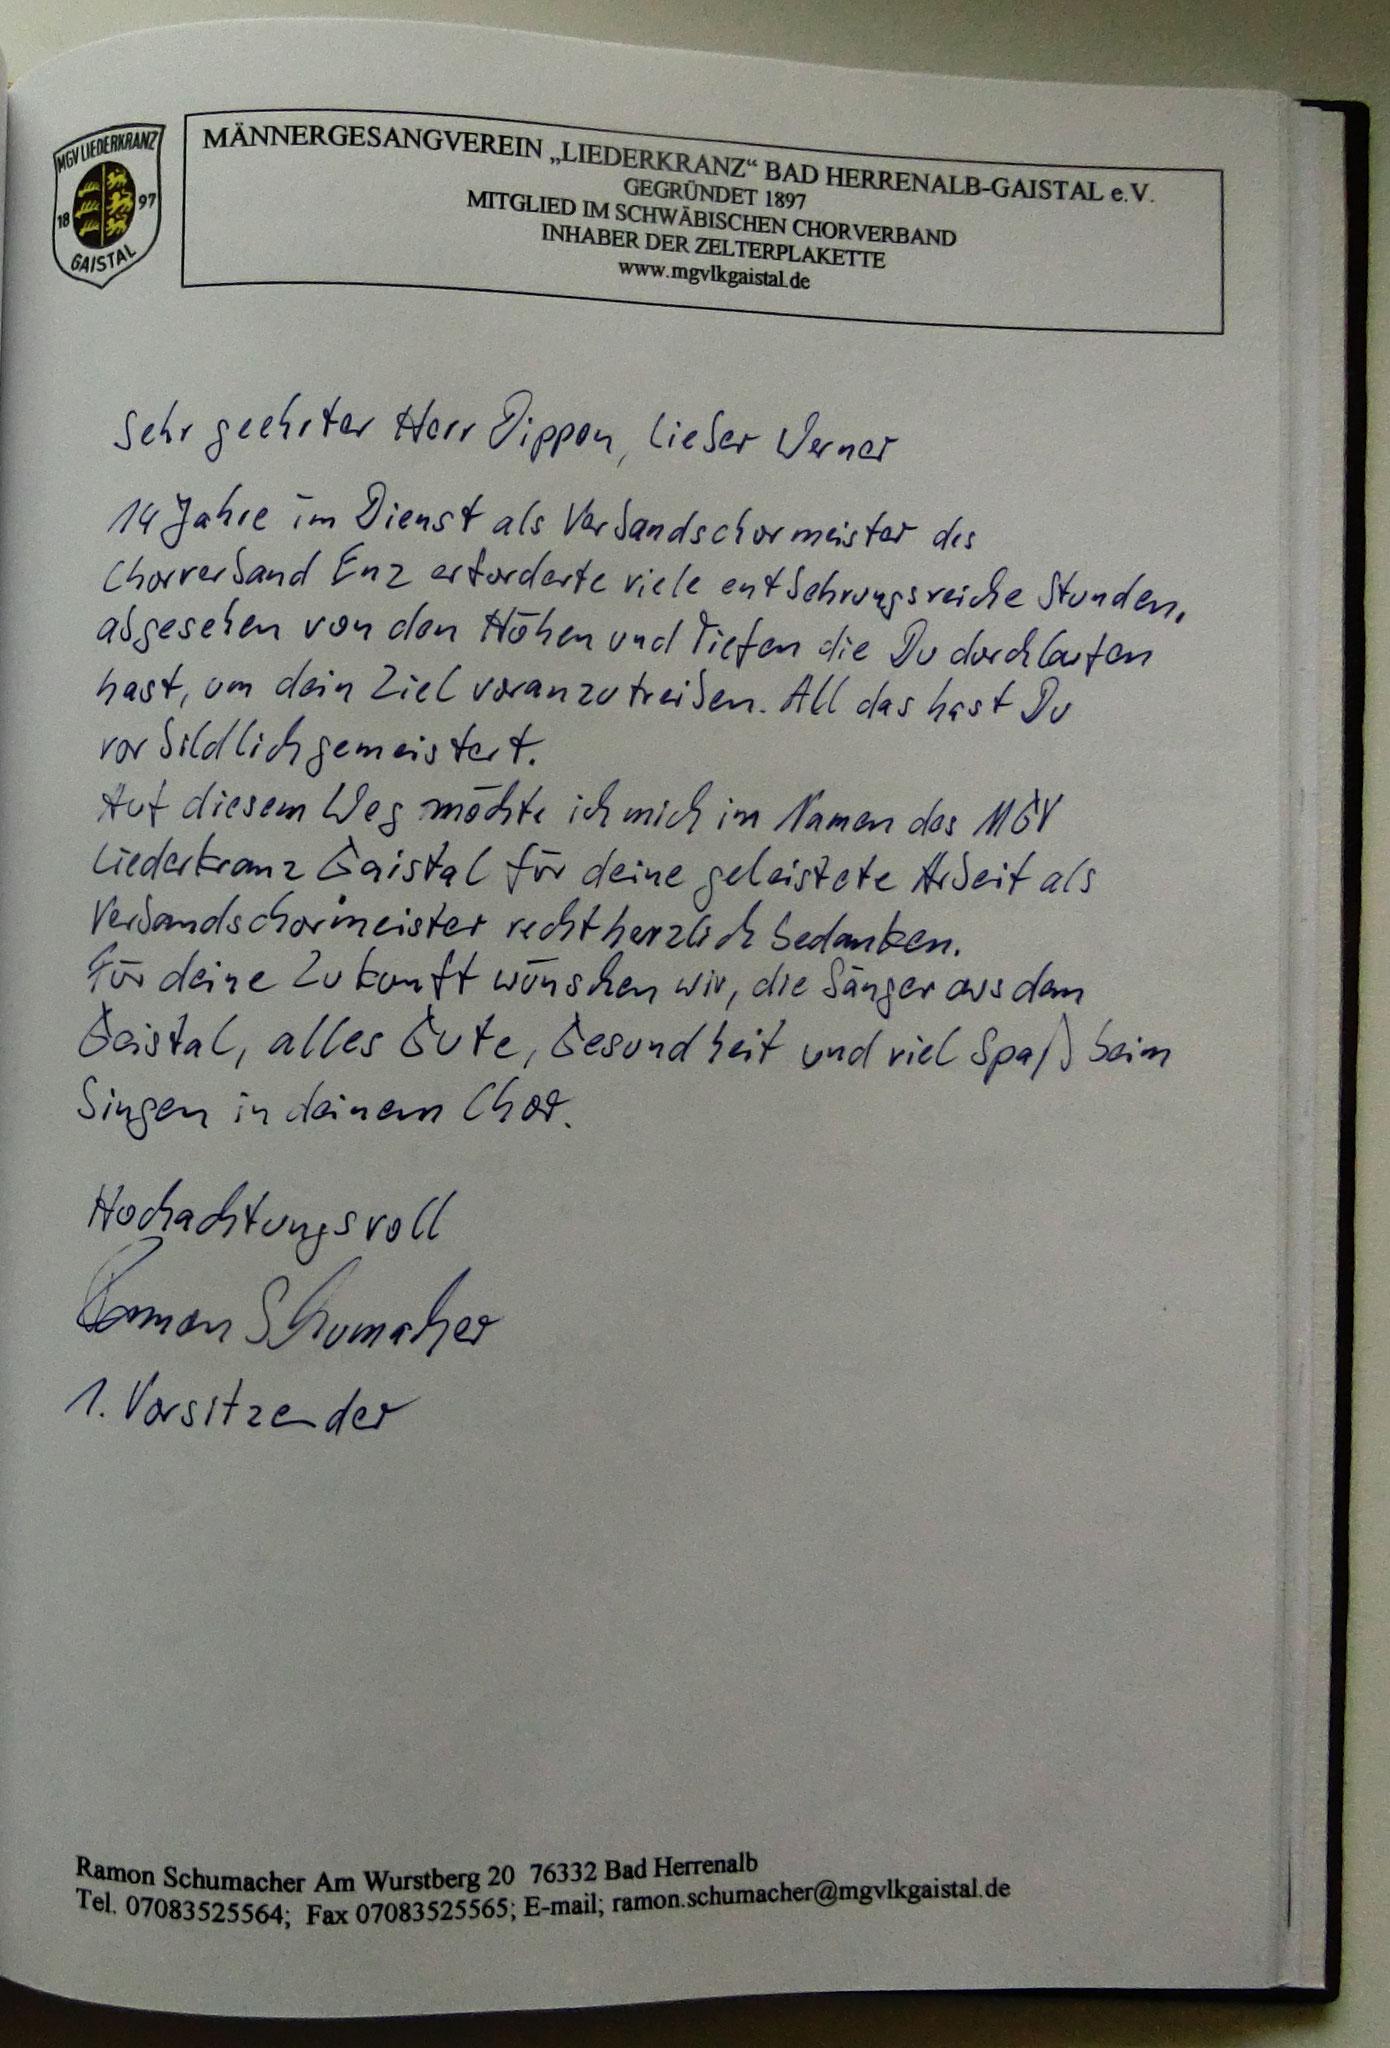 Liederkranz Bad Herrenalb - Gaistal